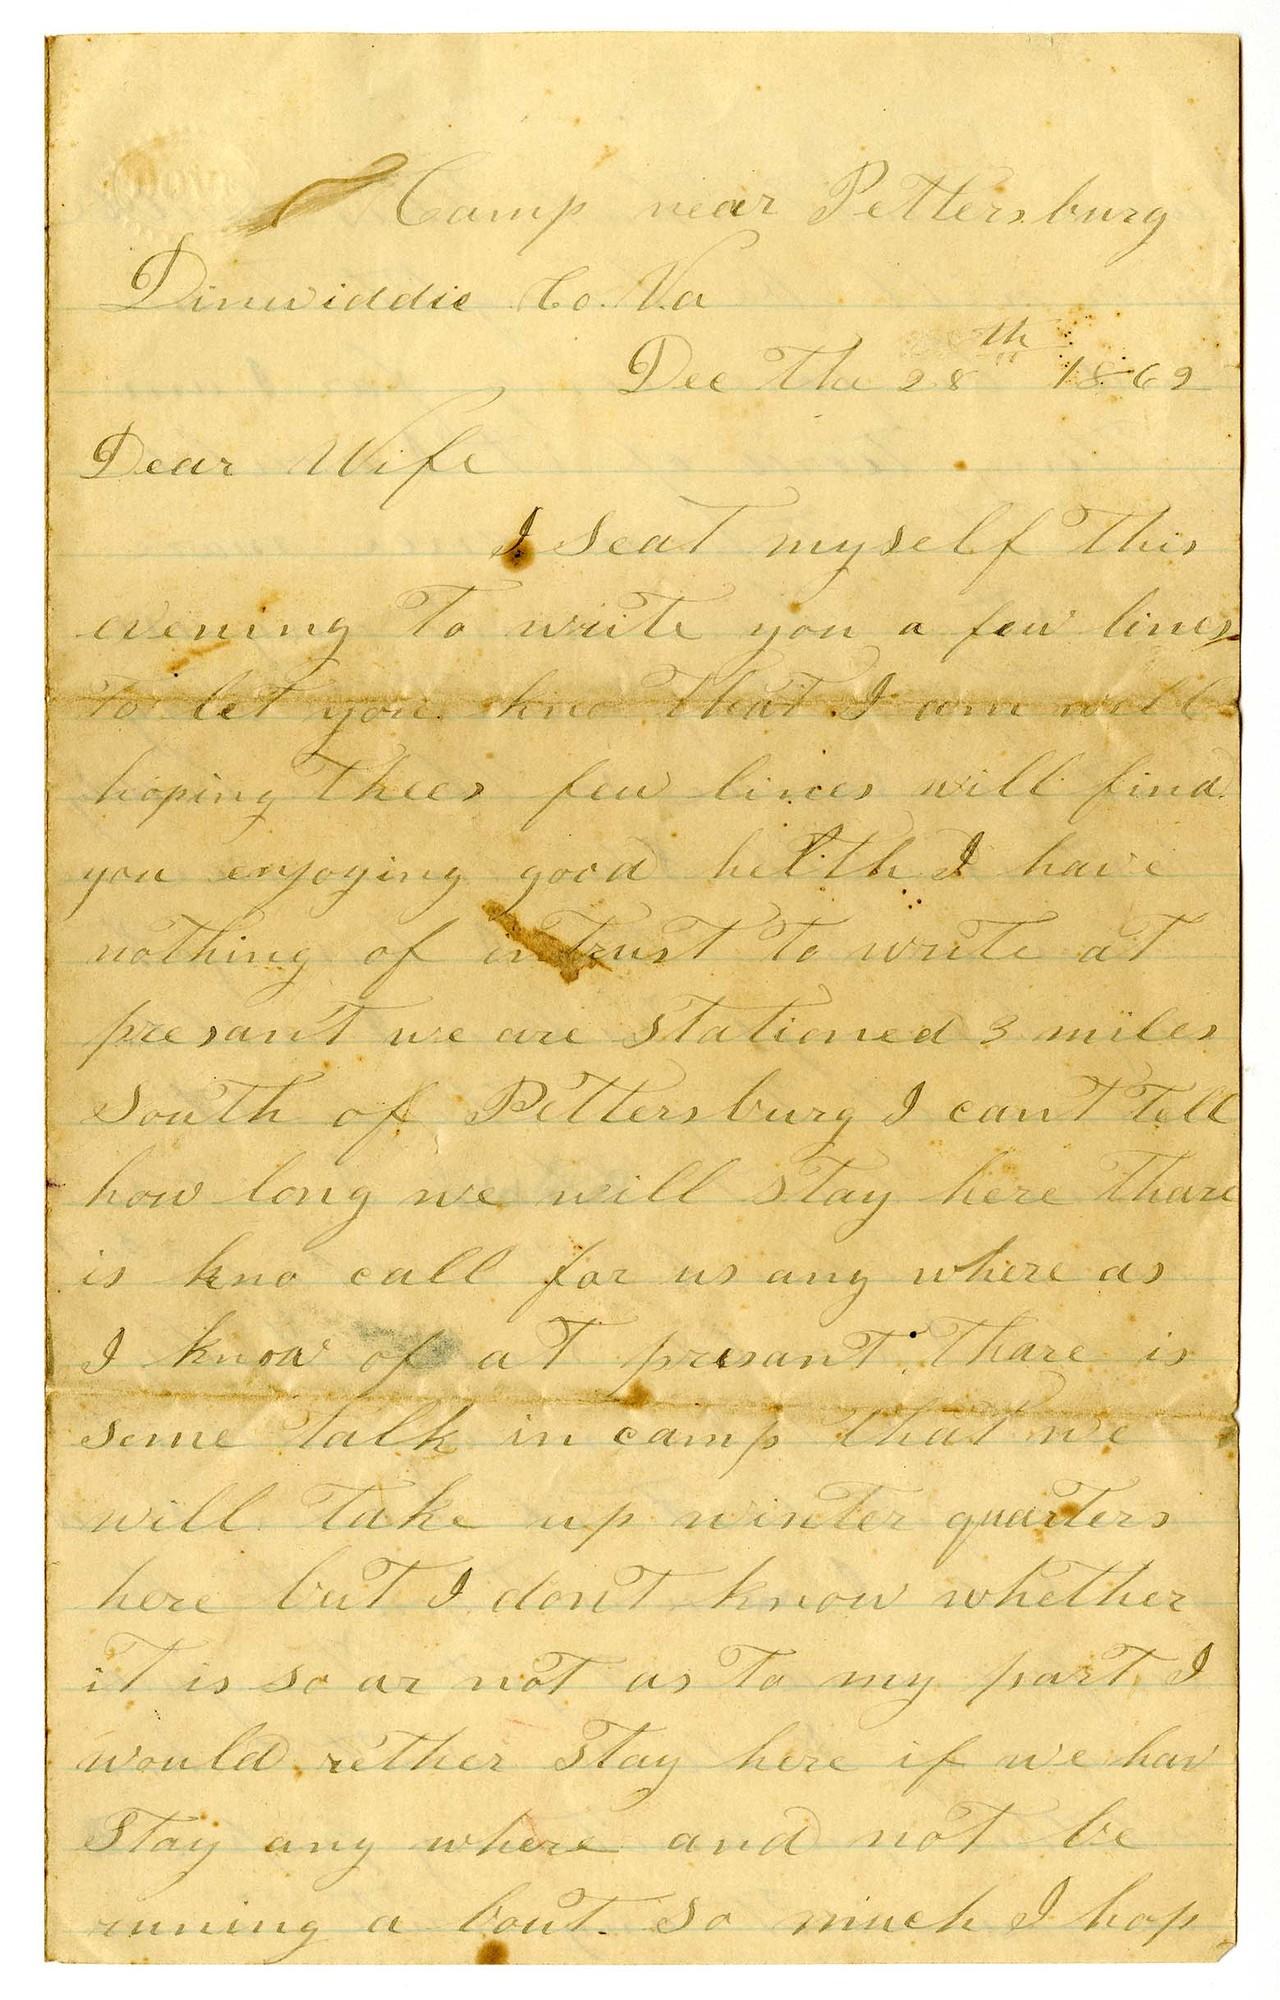 Ms1998_001_HuffHylton_Letter_1862_1228a.jpg